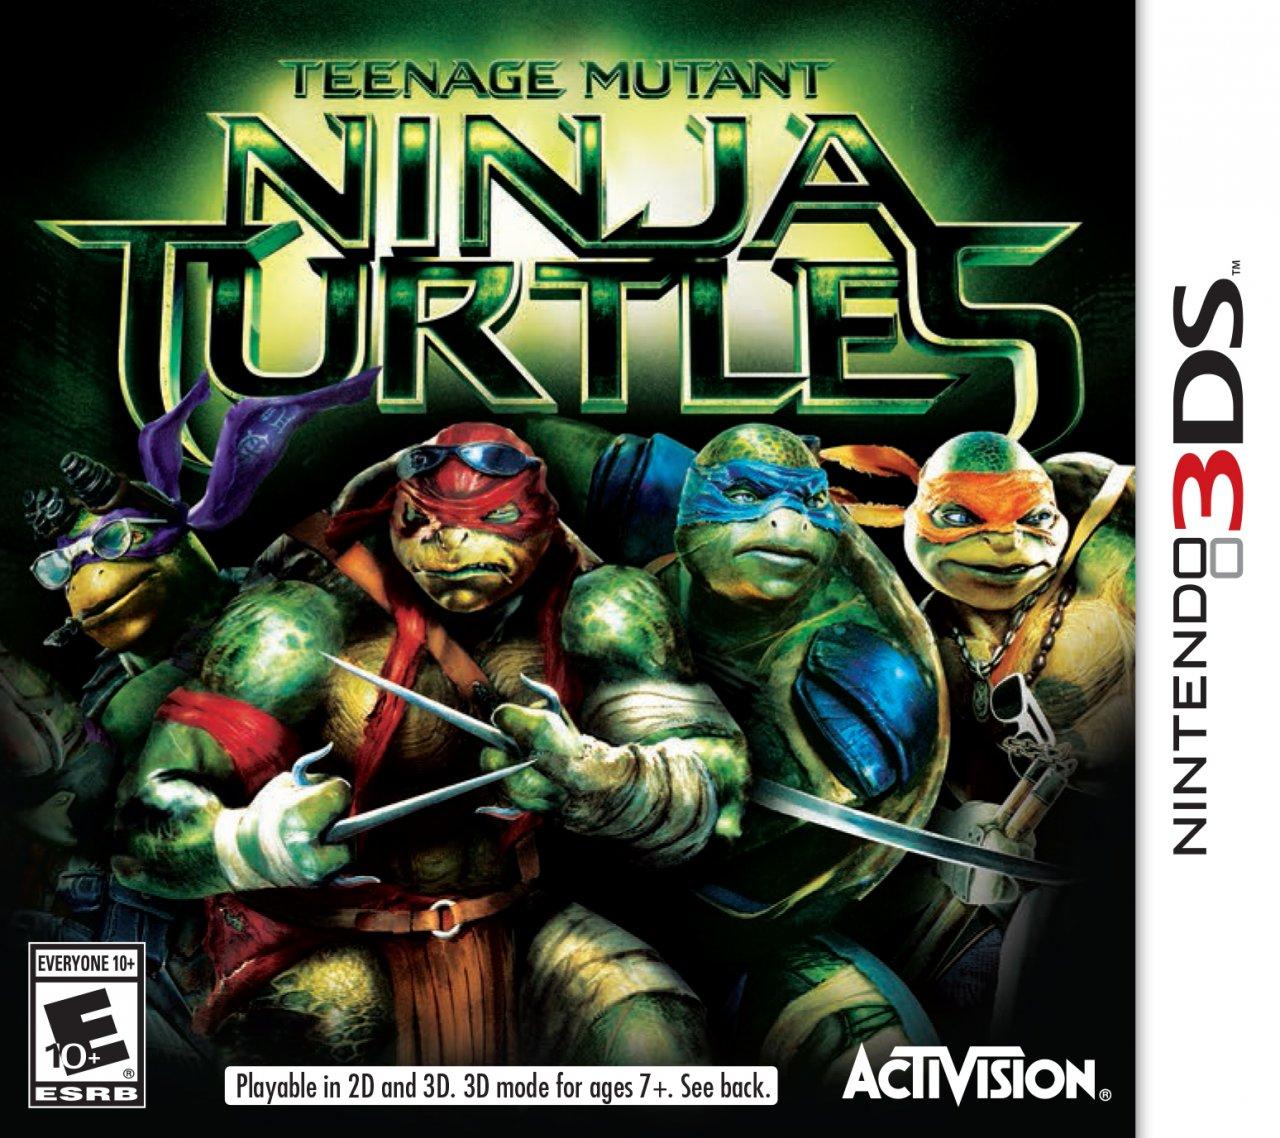 Teenage Mutant Ninja Turtles movie-based game heading to 3DS